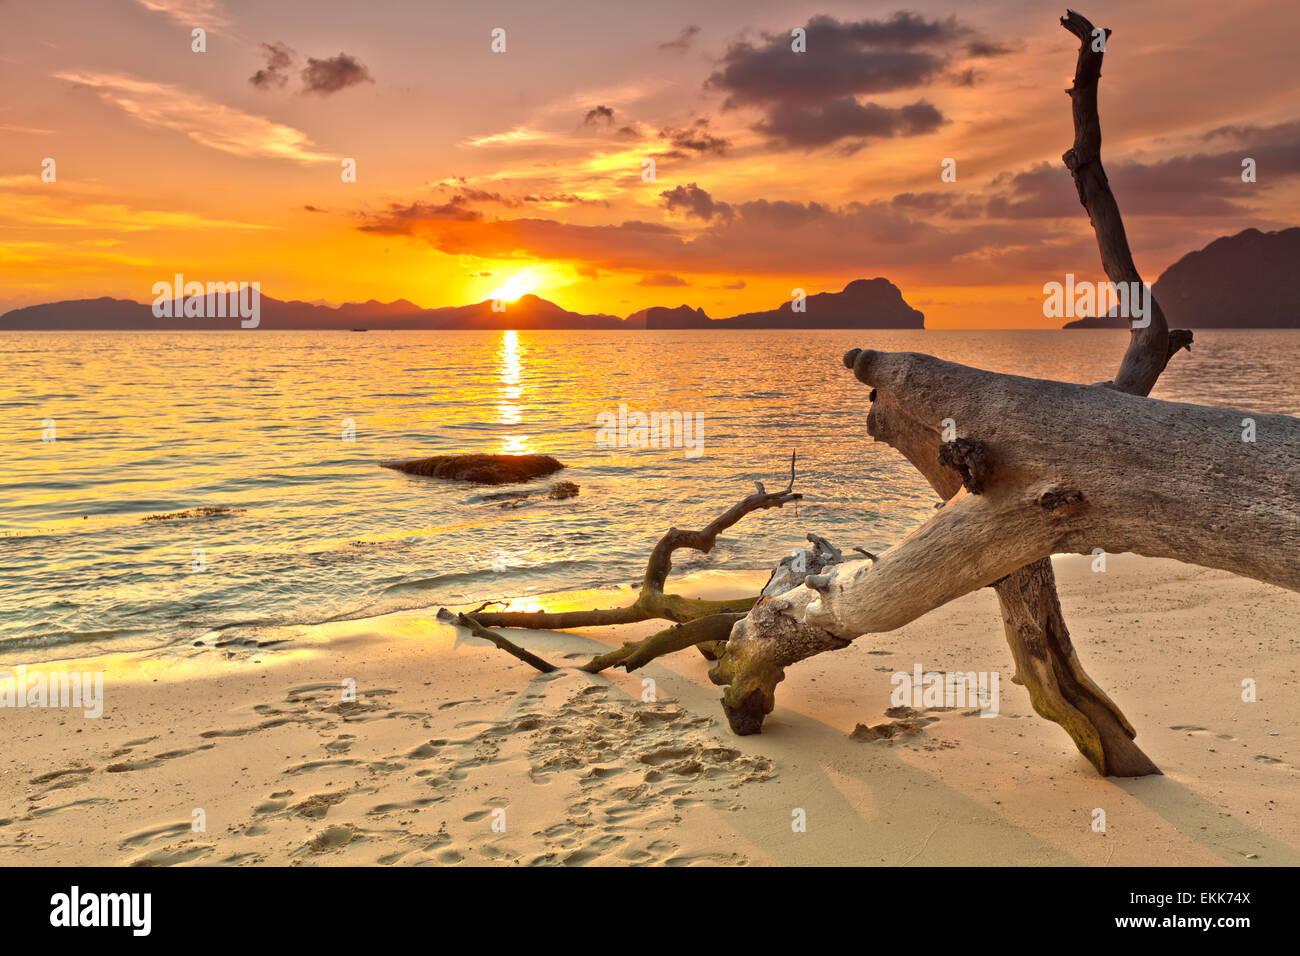 Coucher de soleil sur l'île. Arbre Sec sur l'avant-plan Photo Stock